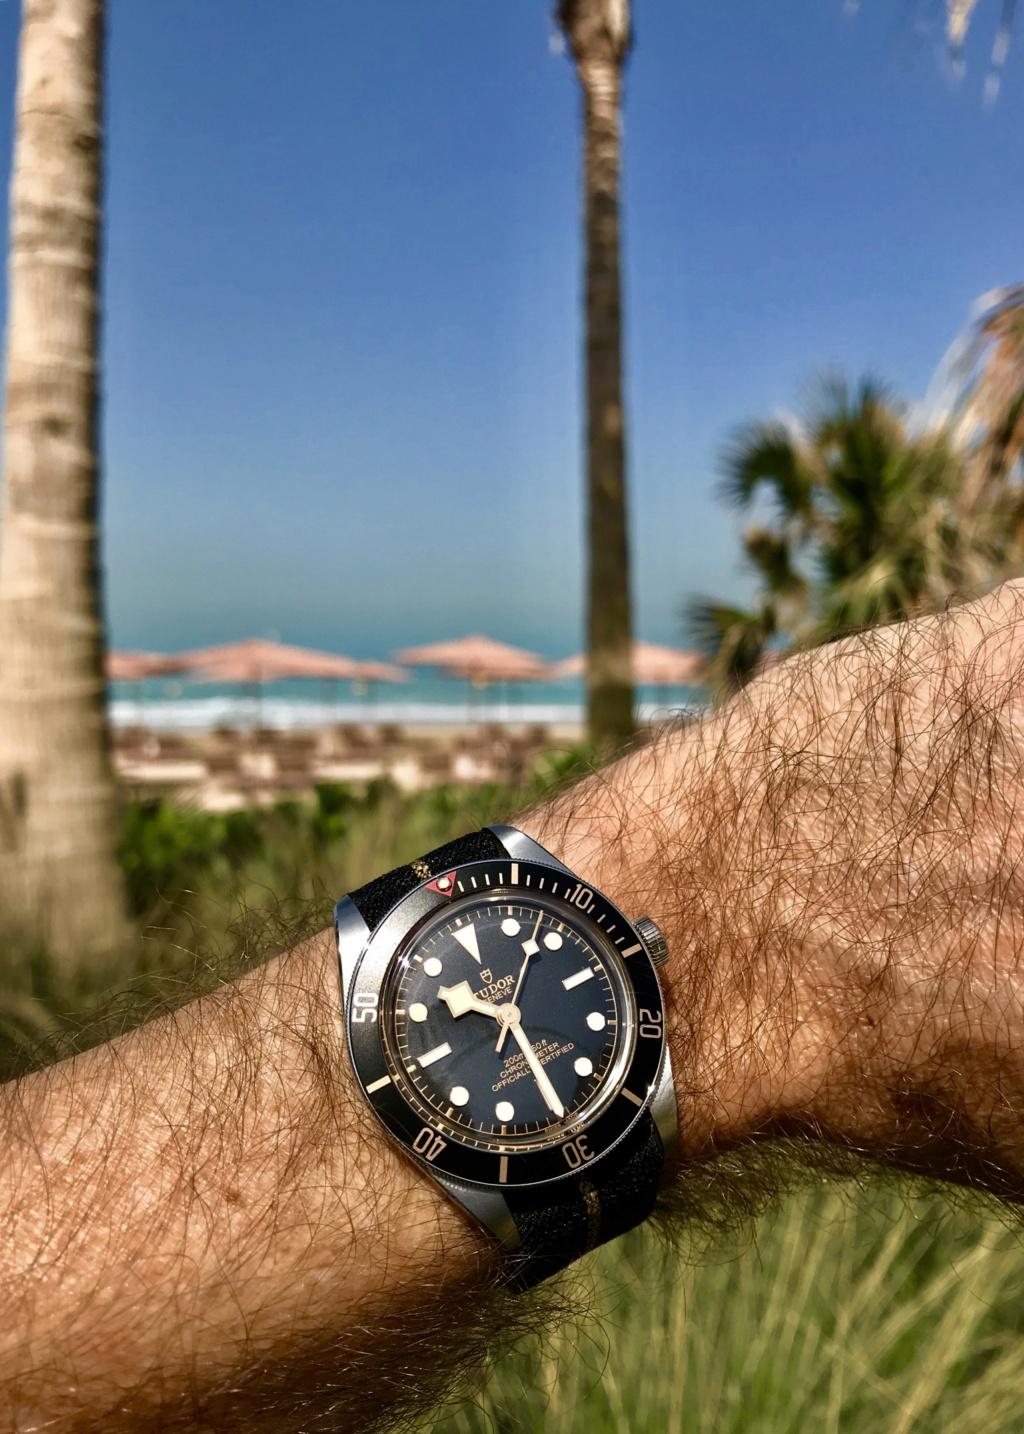 La montre de plongée du jour - tome 6 35542410